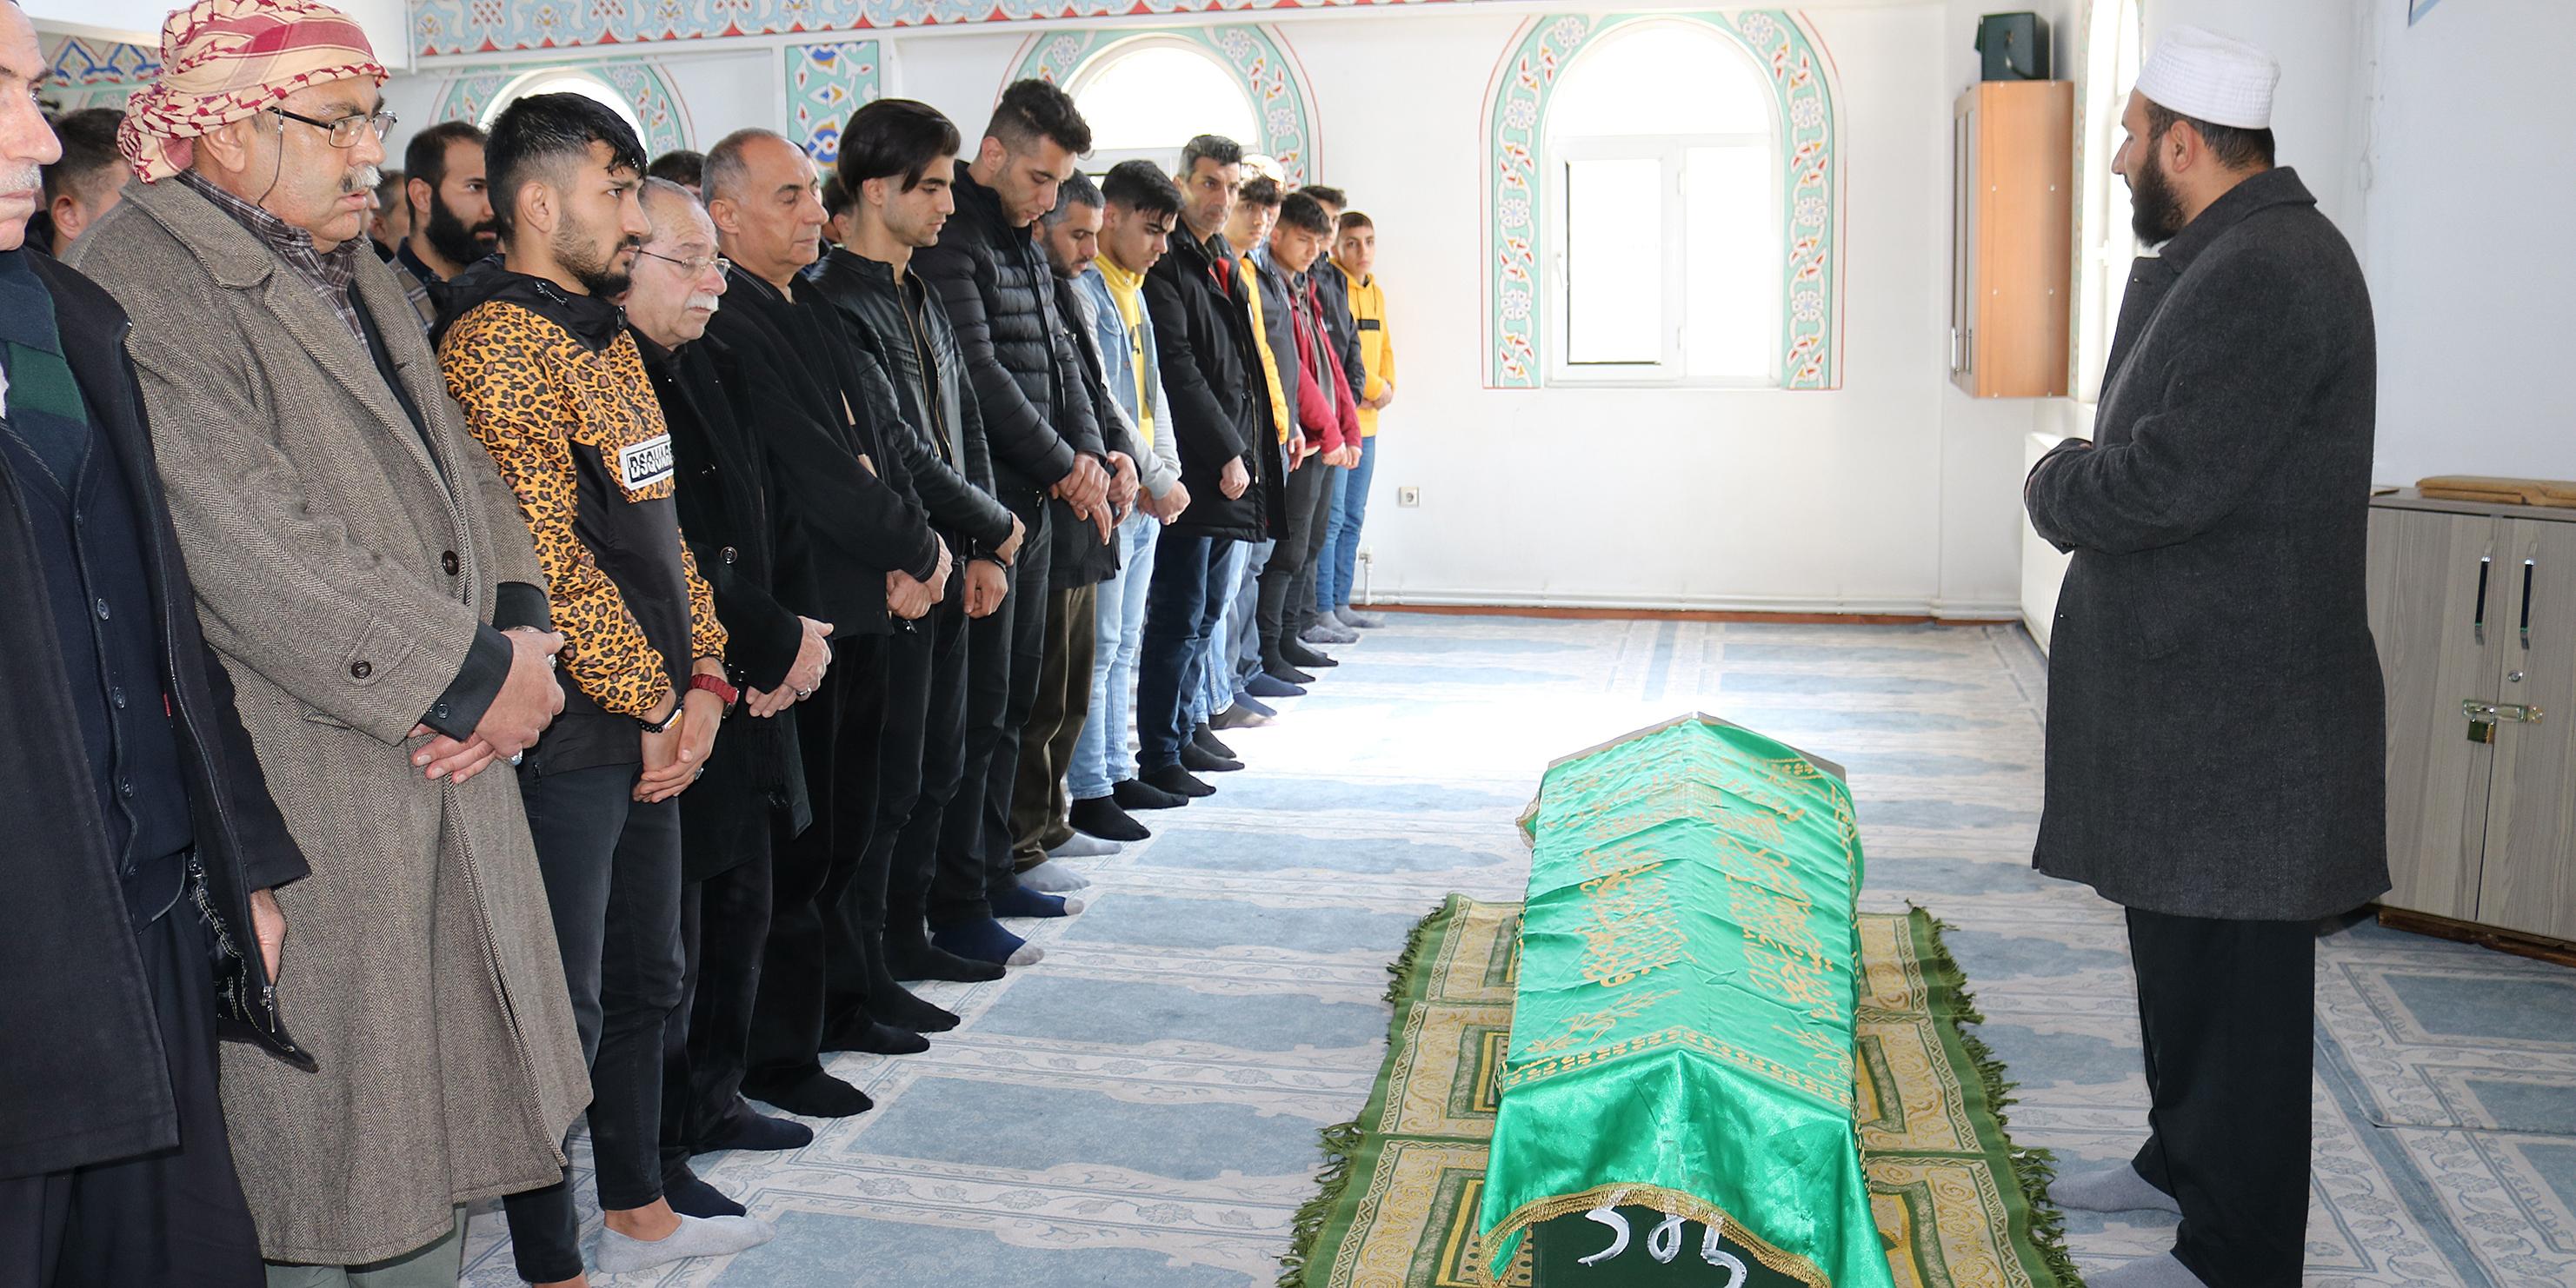 Dövülerek öldürülen sosyal medya fenomeni Diyarbakır'da defnedildi